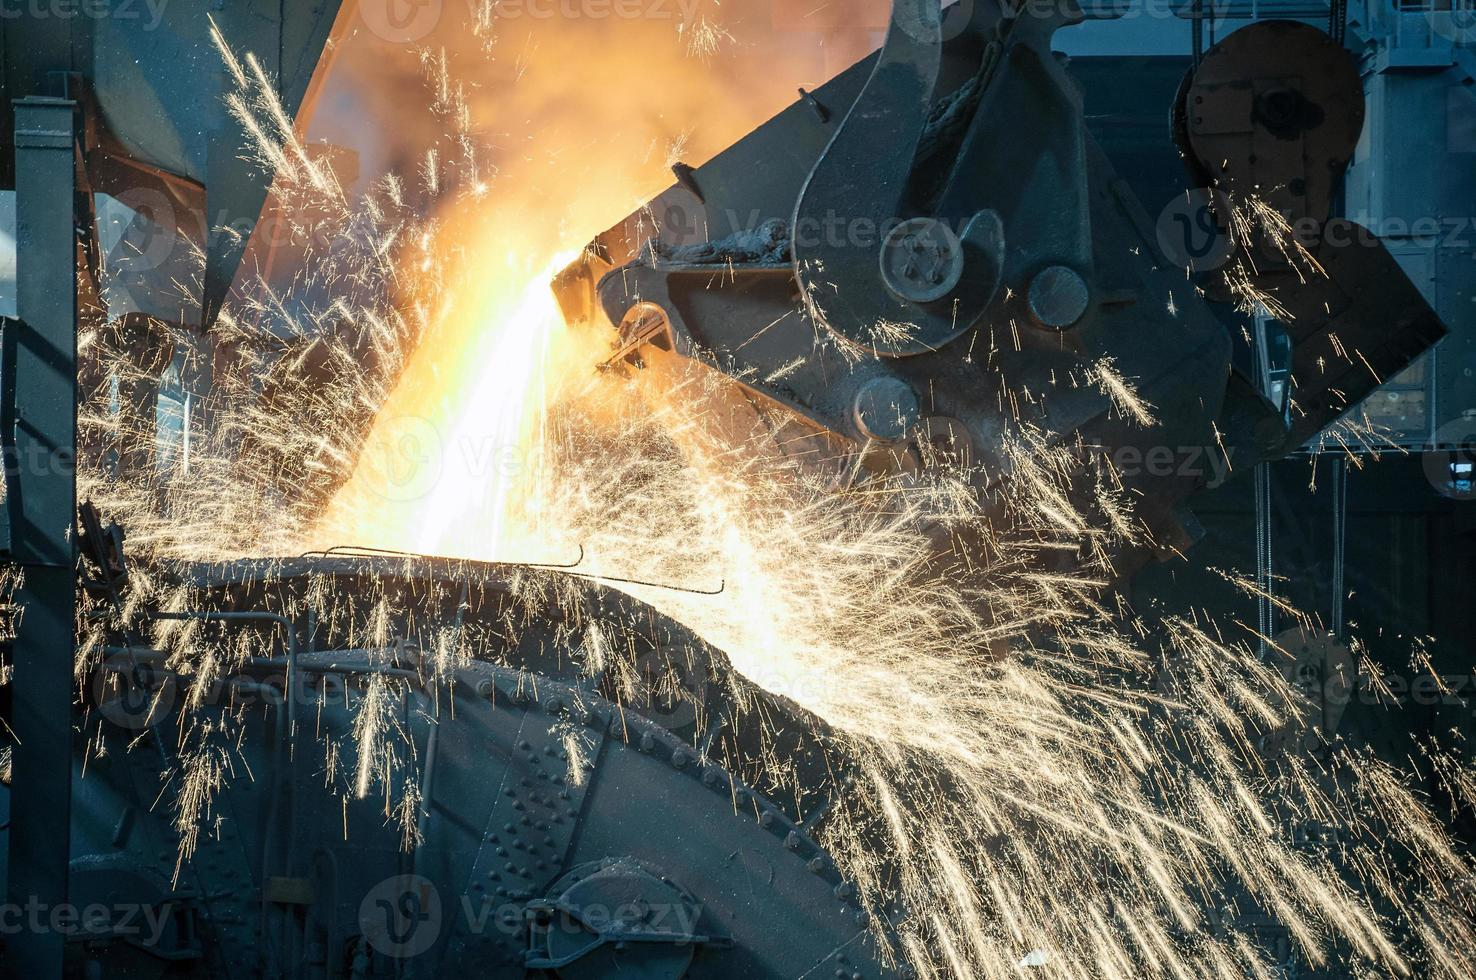 opere metallurgiche foto